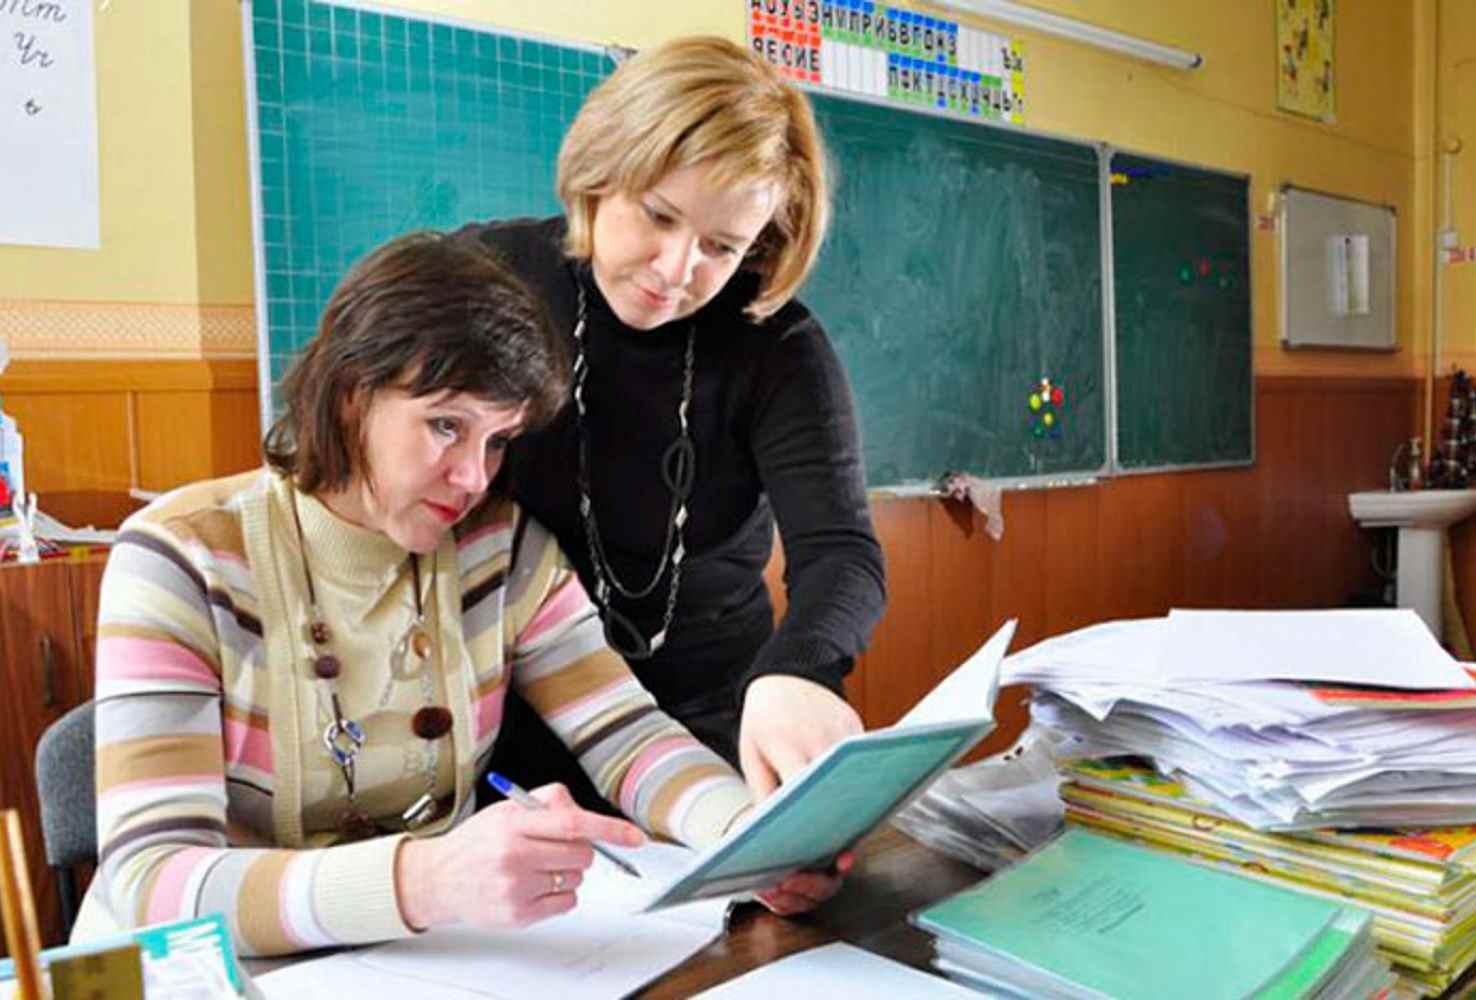 bolee-600-pedagogov-oprobuyut-novuyu-model-attestatsii-uchitelej